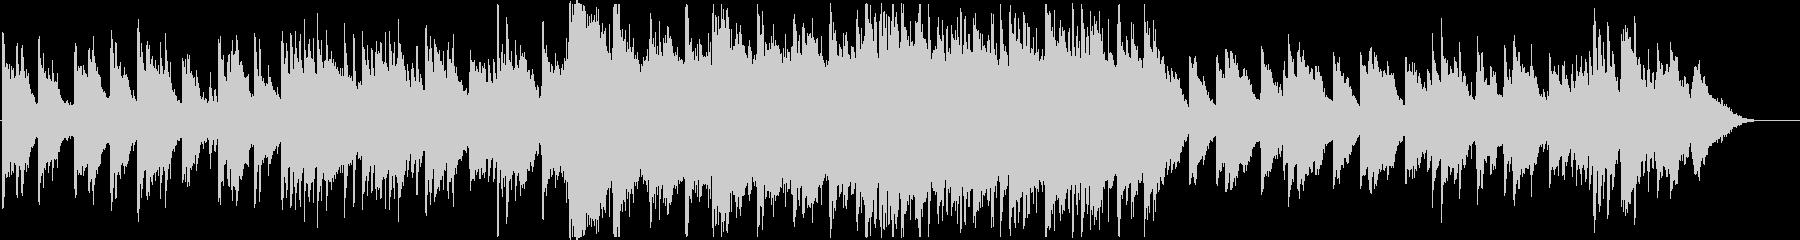 森の中に迷い込んだ幻想的ピアノバラードの未再生の波形